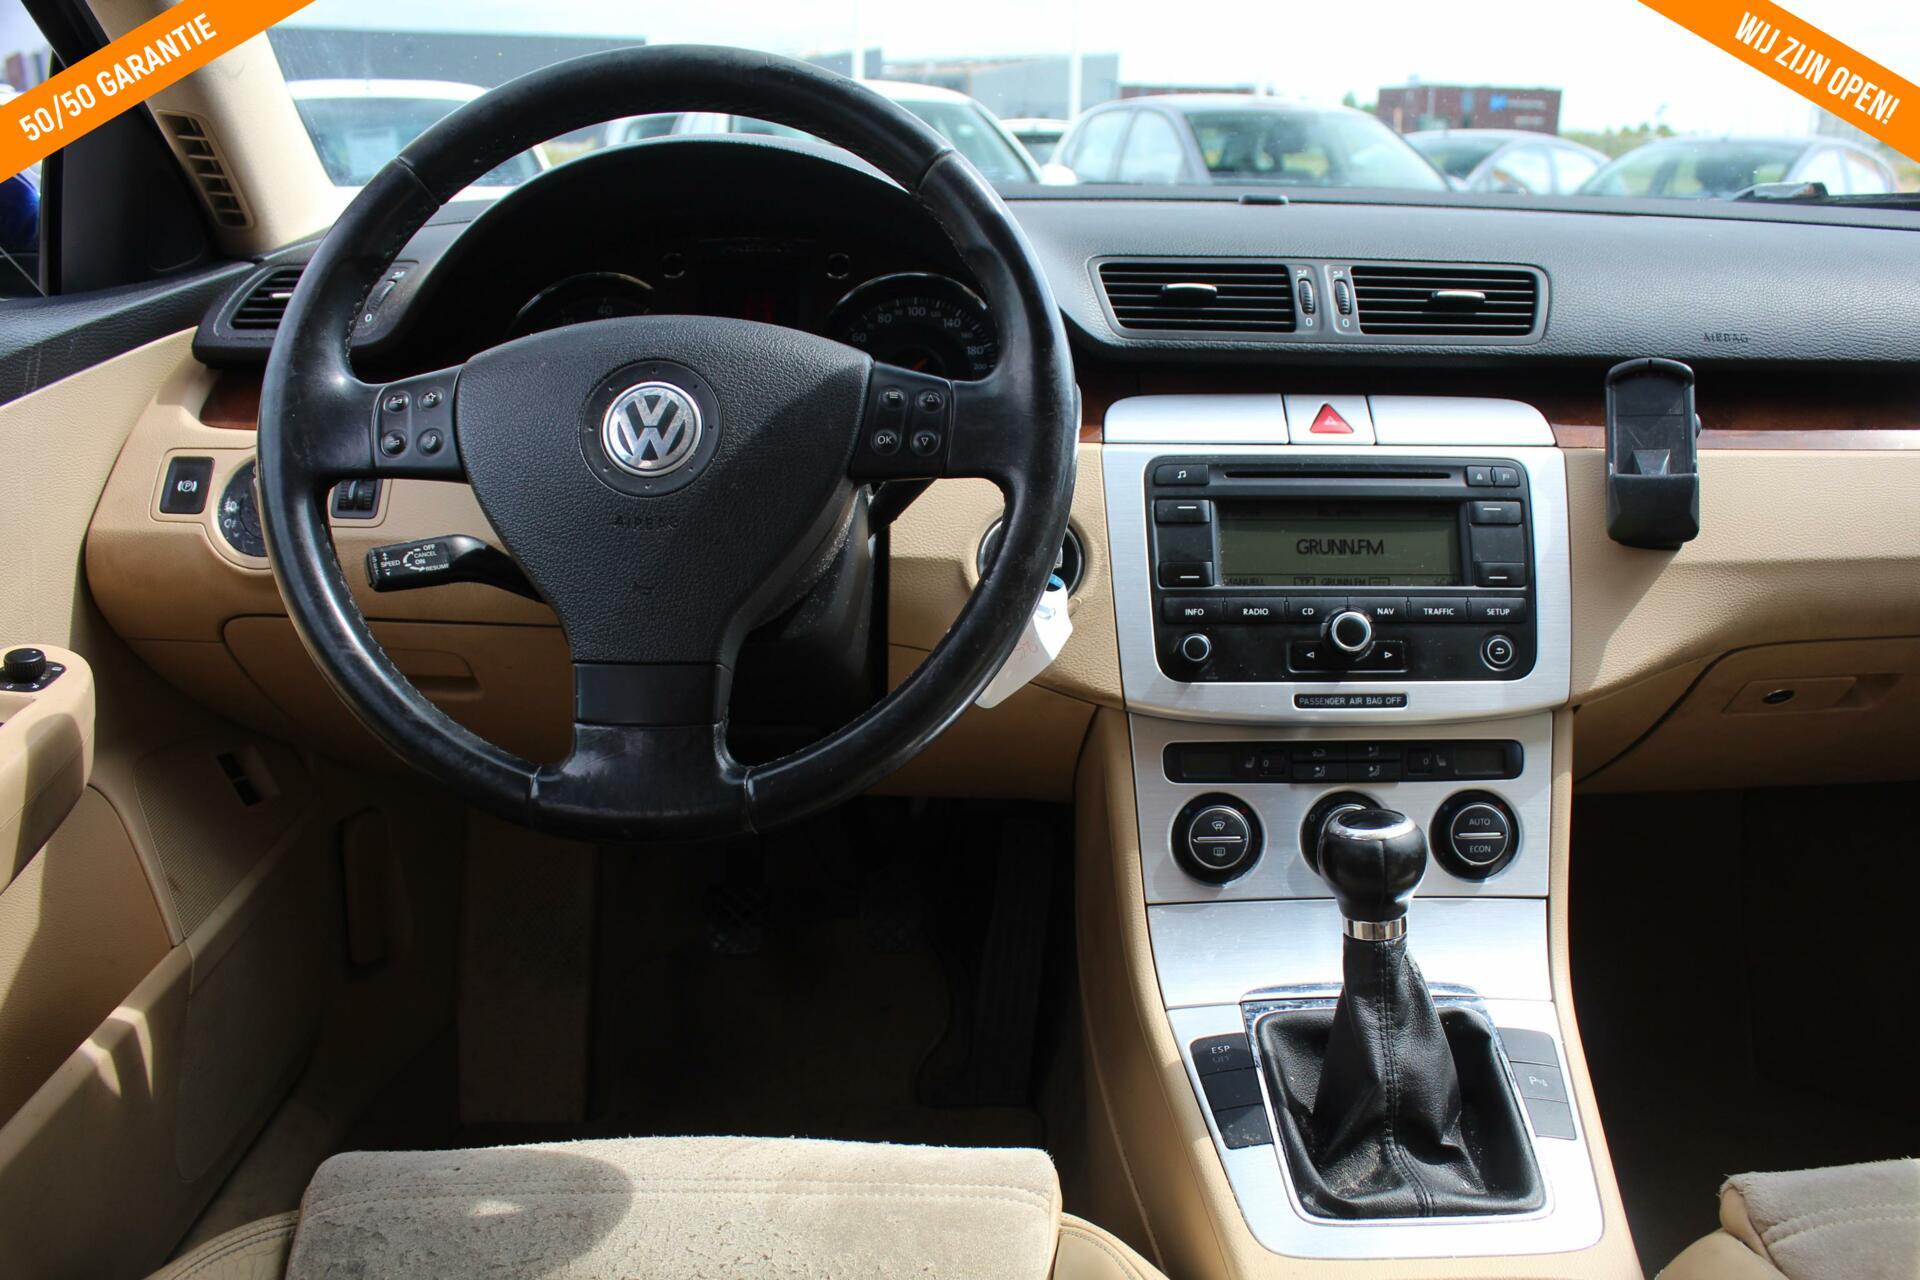 Caroutlet Groningen - Volkswagen Passat Variant 2.0 FSI Highline | CLIMA | CRUISE | LEER